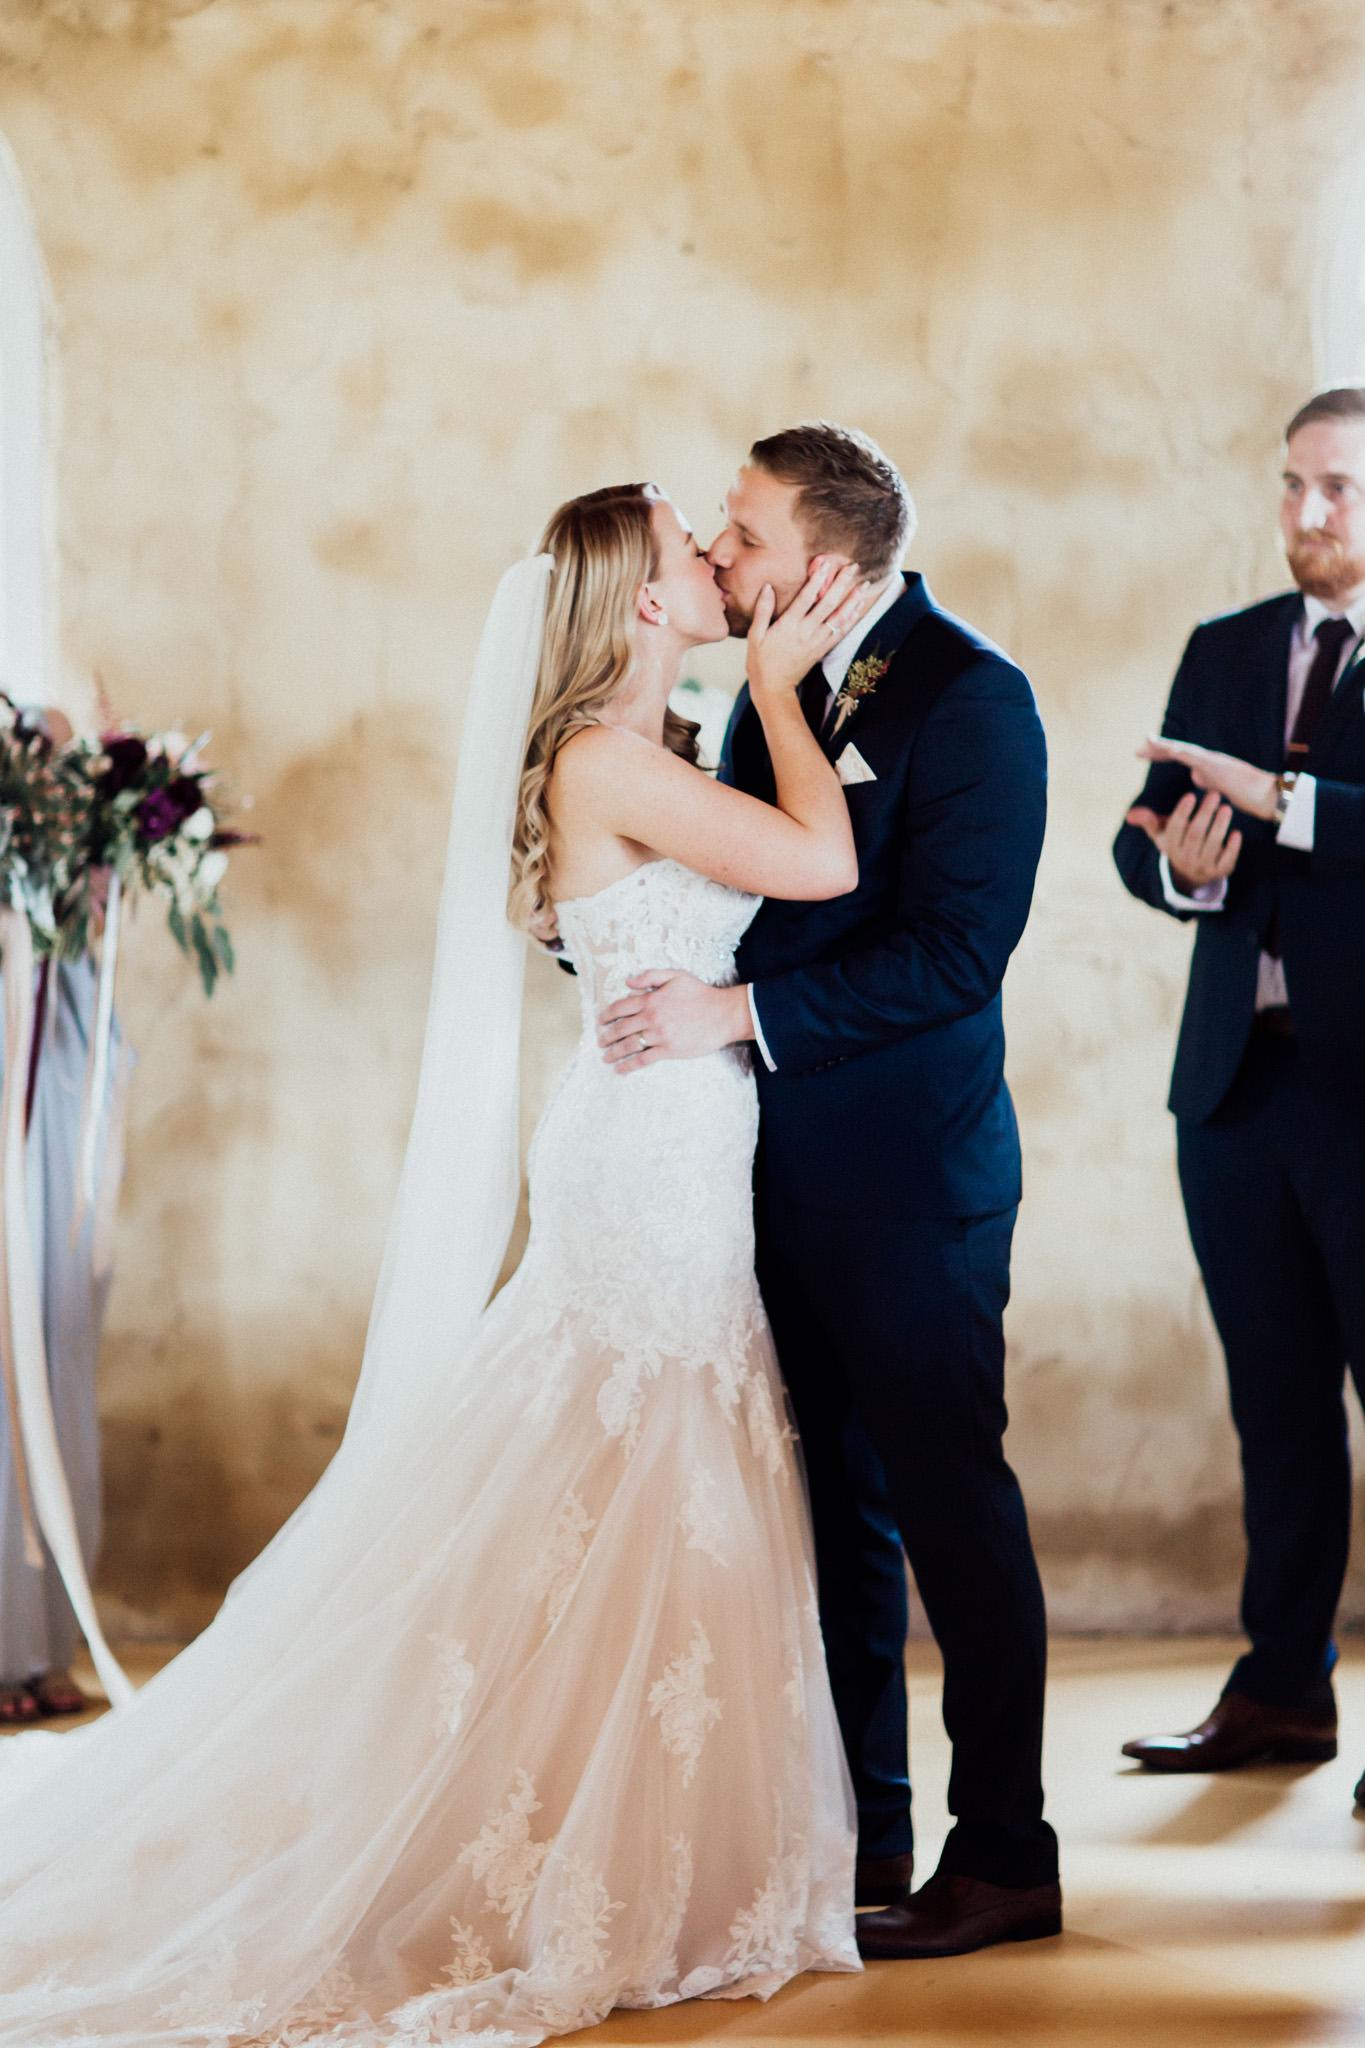 WeddingPhotos_Facebook_2048pixels-1053.jpg